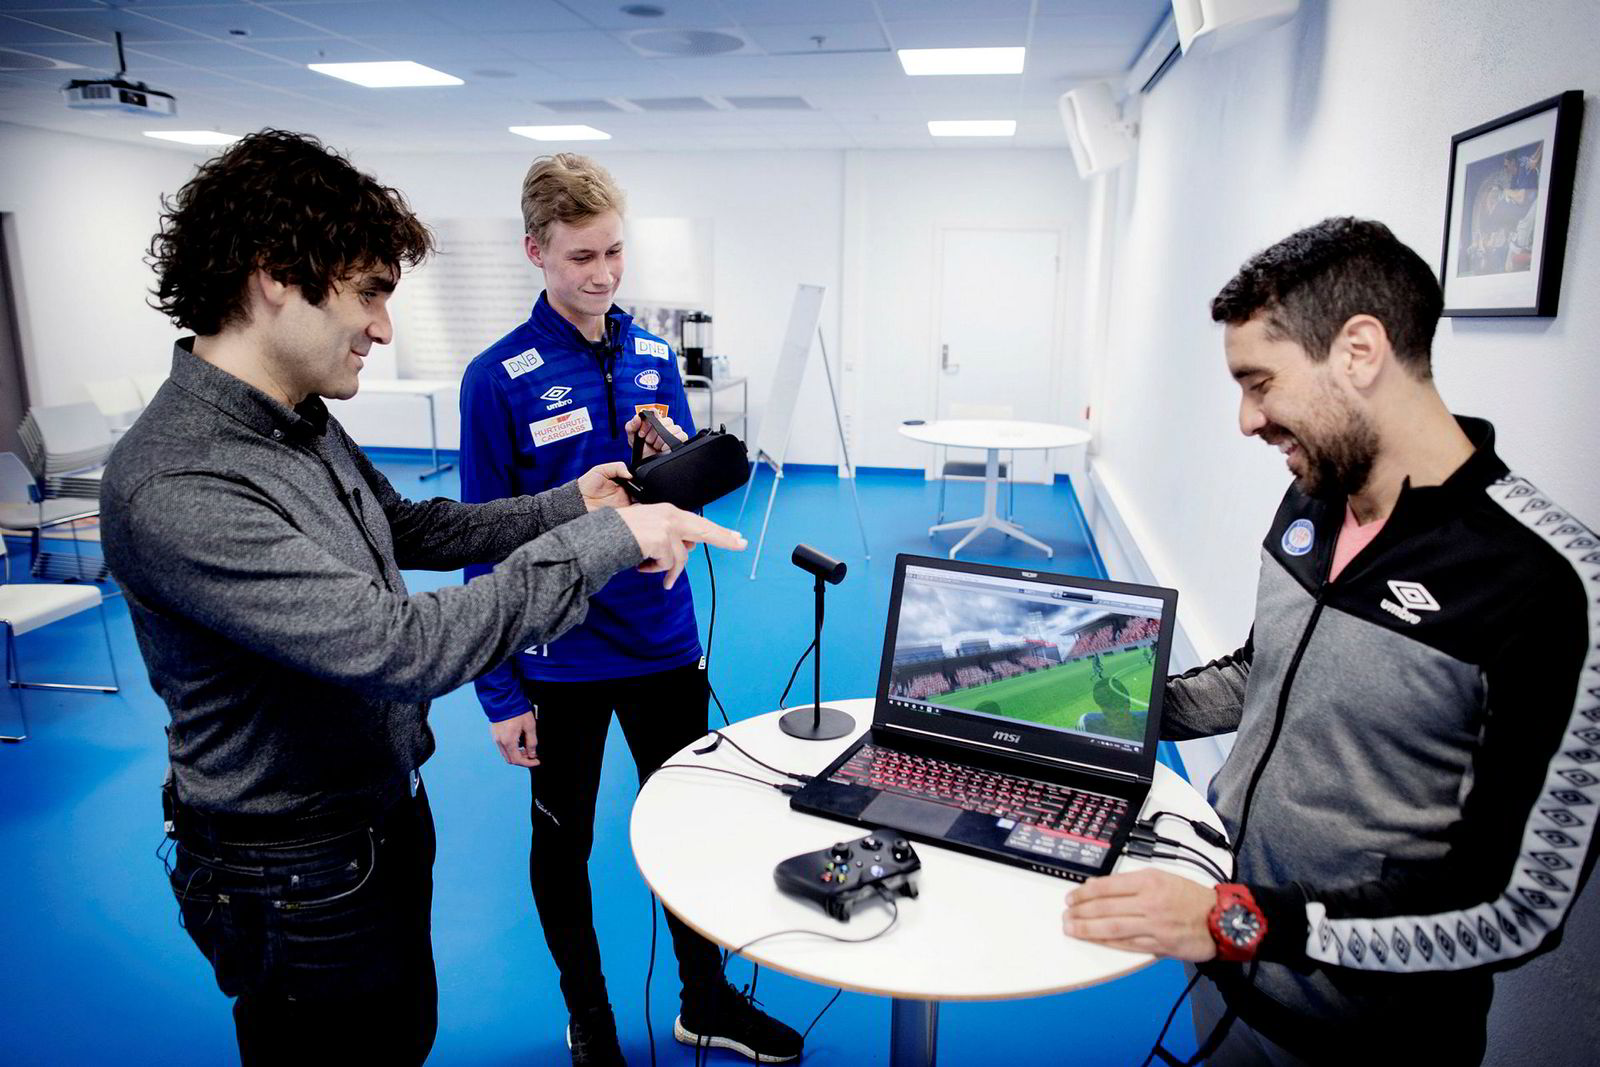 Gründer Odd Skarheim (50, fra venstre), Sakarias Opsahl (18) fra Vålerengas juniorlag og Oslo-klubbens teknikktrener Enrique Paez (29) tester virtuell fotballtrening.